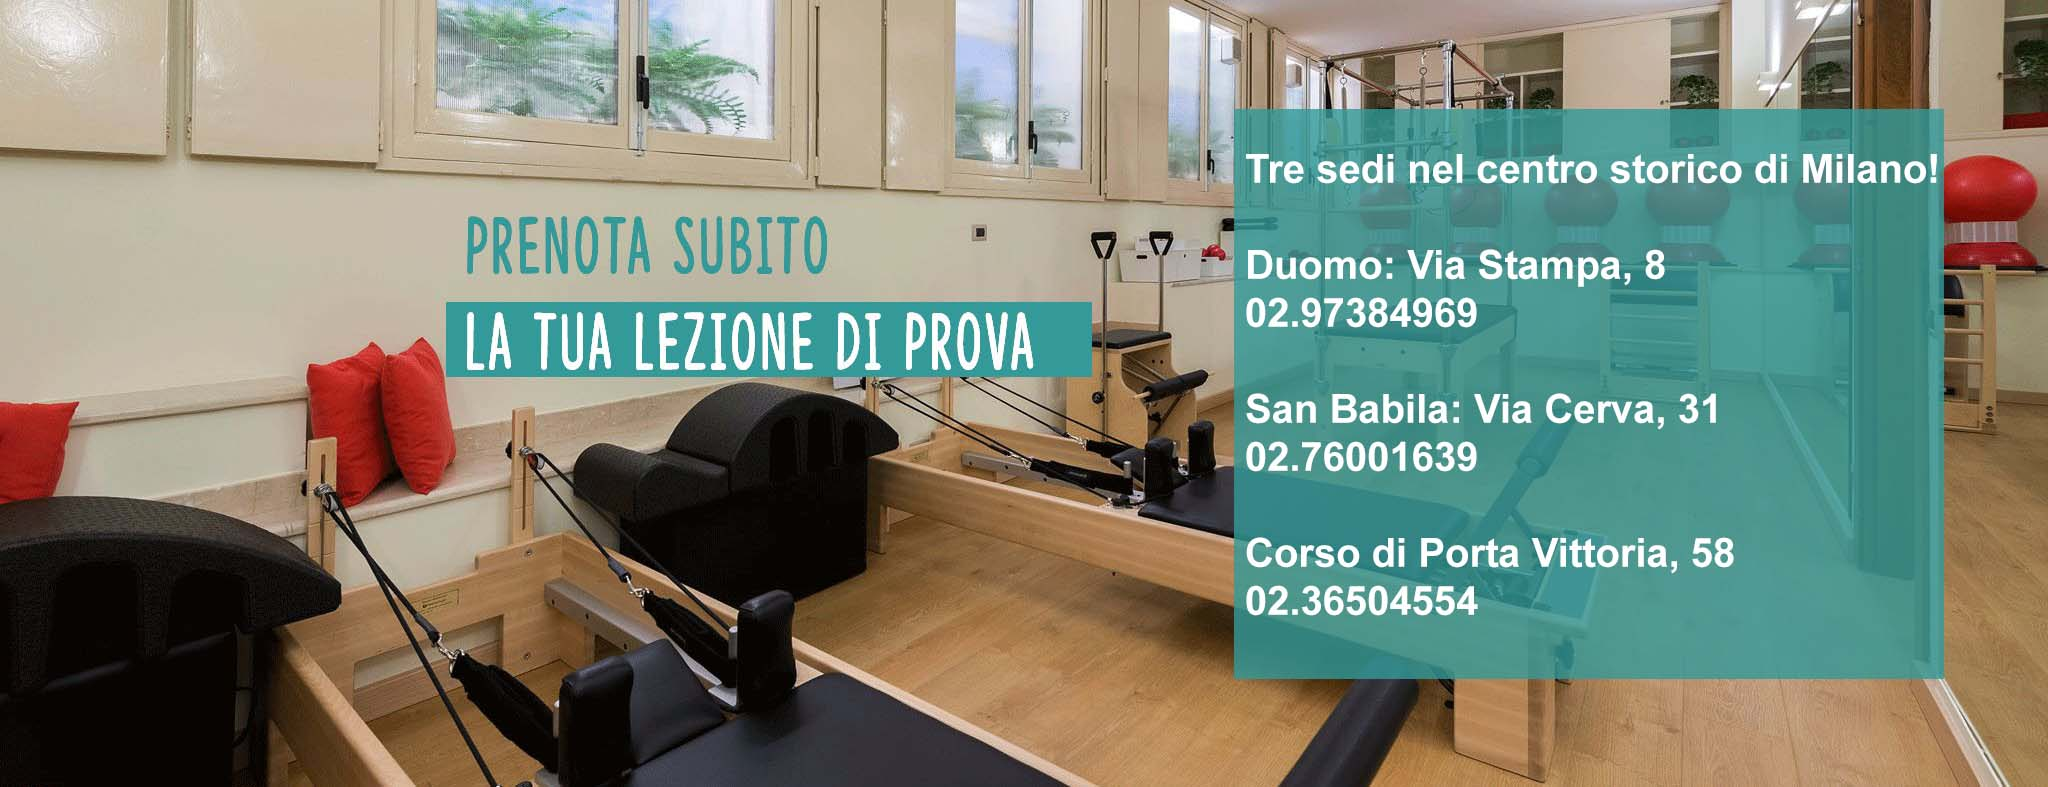 Pilates Cimitero Maggiore Milano - Prenota subito la tua lezione di prova